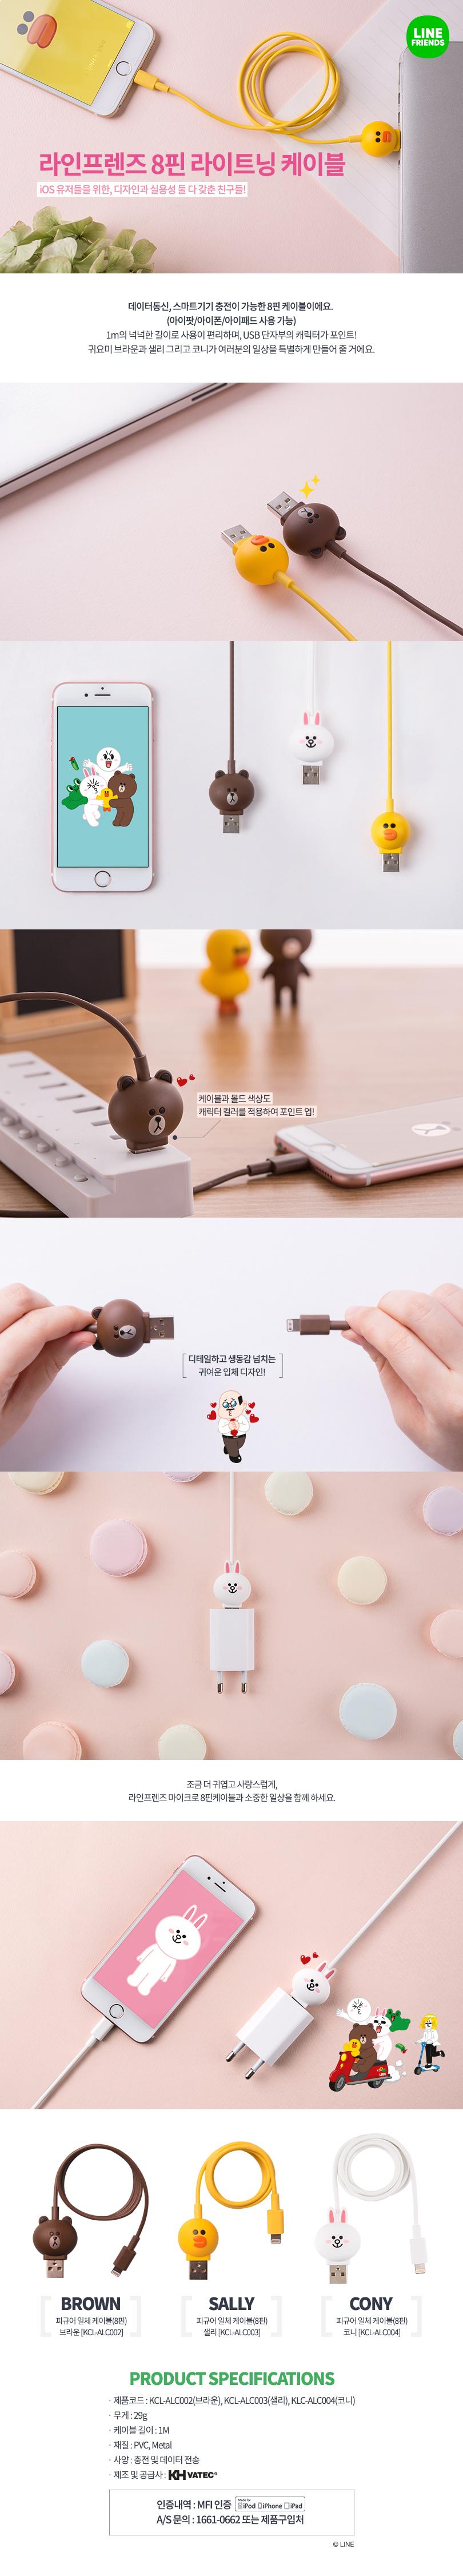 라인프렌즈 USB 허브 무드등26,900원-마인스디지털, 음향기기/포터블기기, 스피커, 무드등/블루투스 스피커바보사랑라인프렌즈 USB 허브 무드등26,900원-마인스디지털, 음향기기/포터블기기, 스피커, 무드등/블루투스 스피커바보사랑